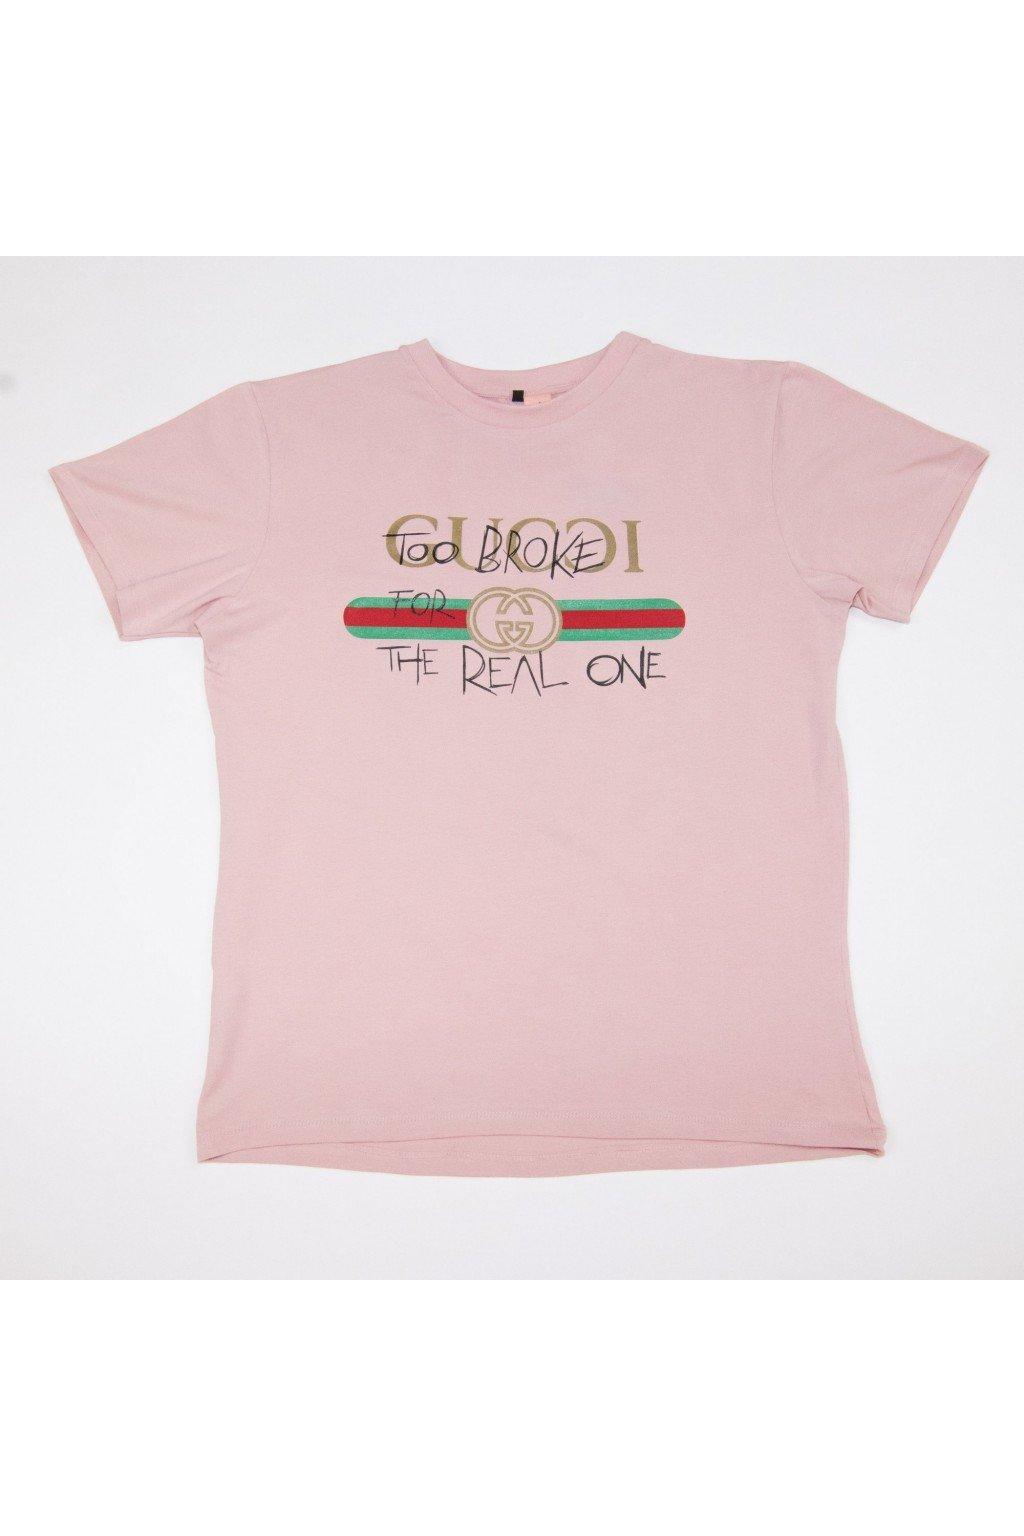 Tričko TooBroke styl Gucci - růžové (Velikost Velikost M)